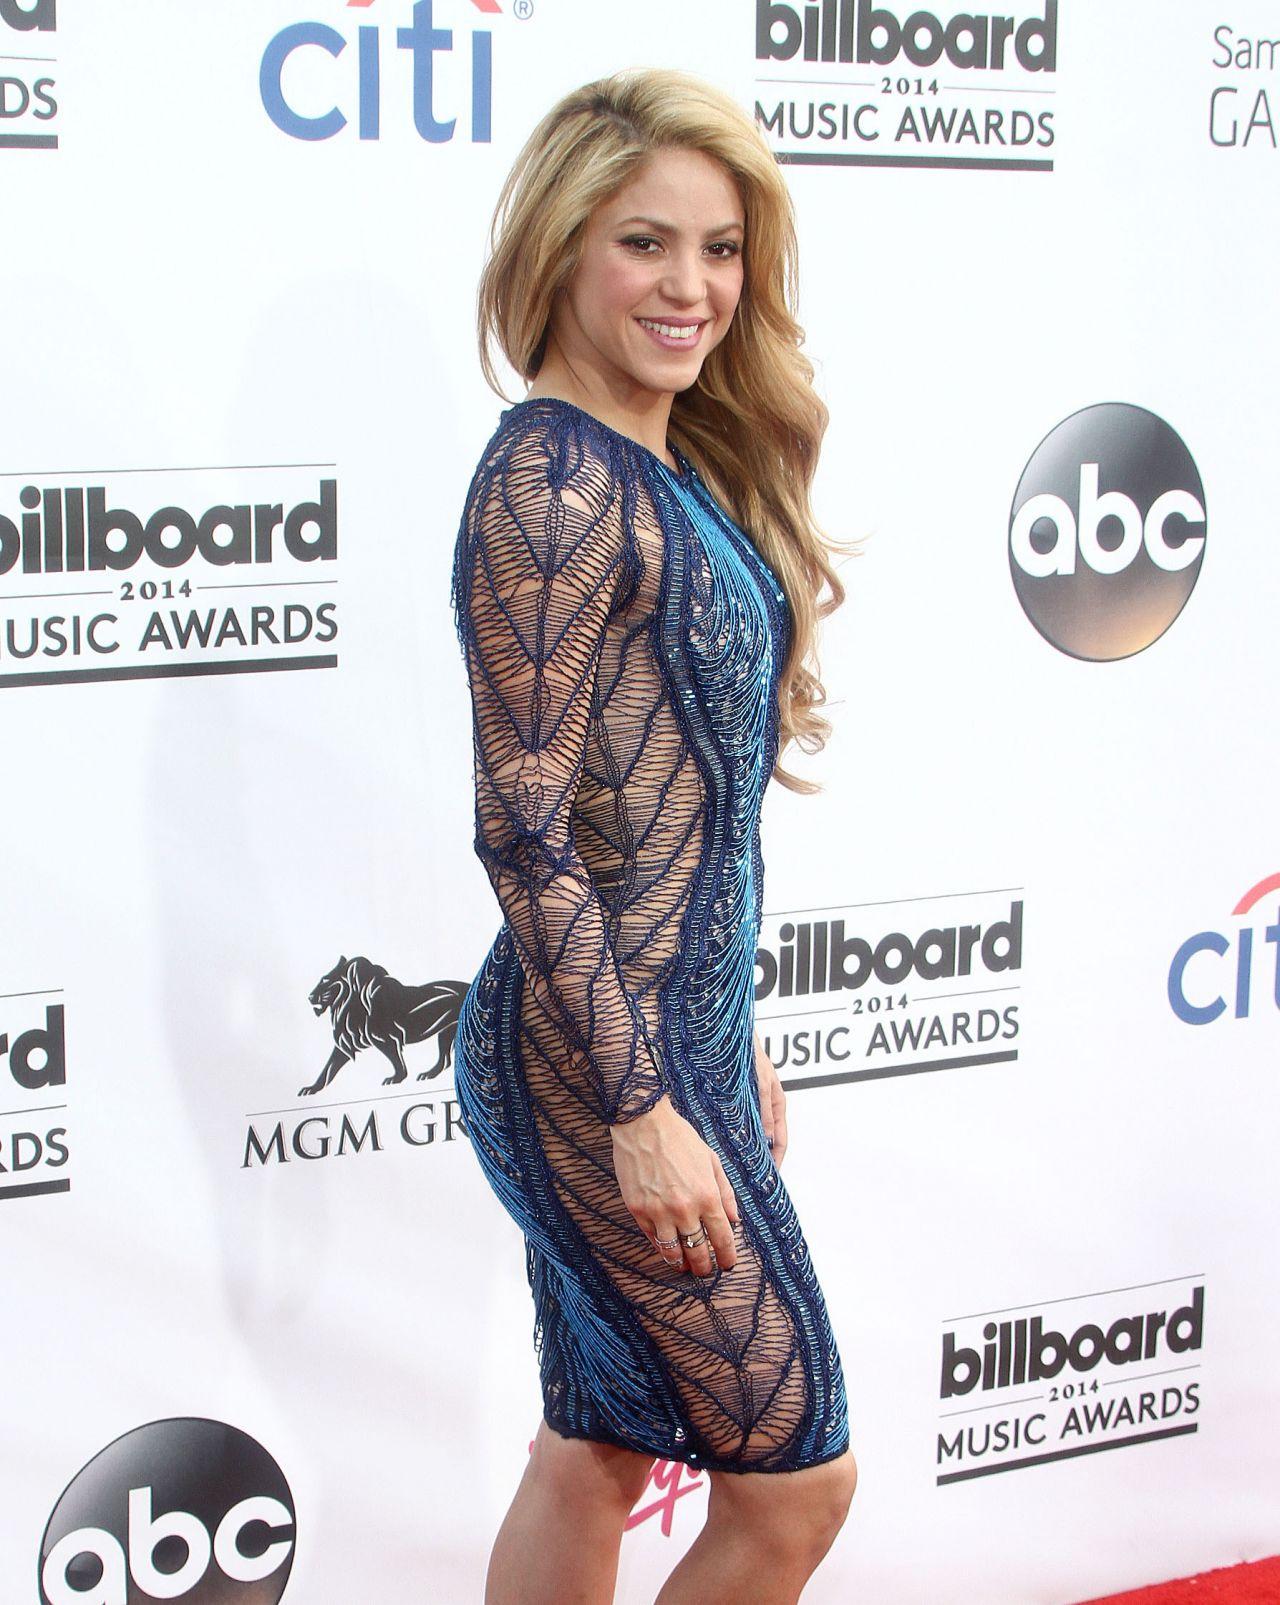 Billboard Music Awards 2016 The Best Hair And Makeup: Shakira Wearing Julien Macdonald Dress